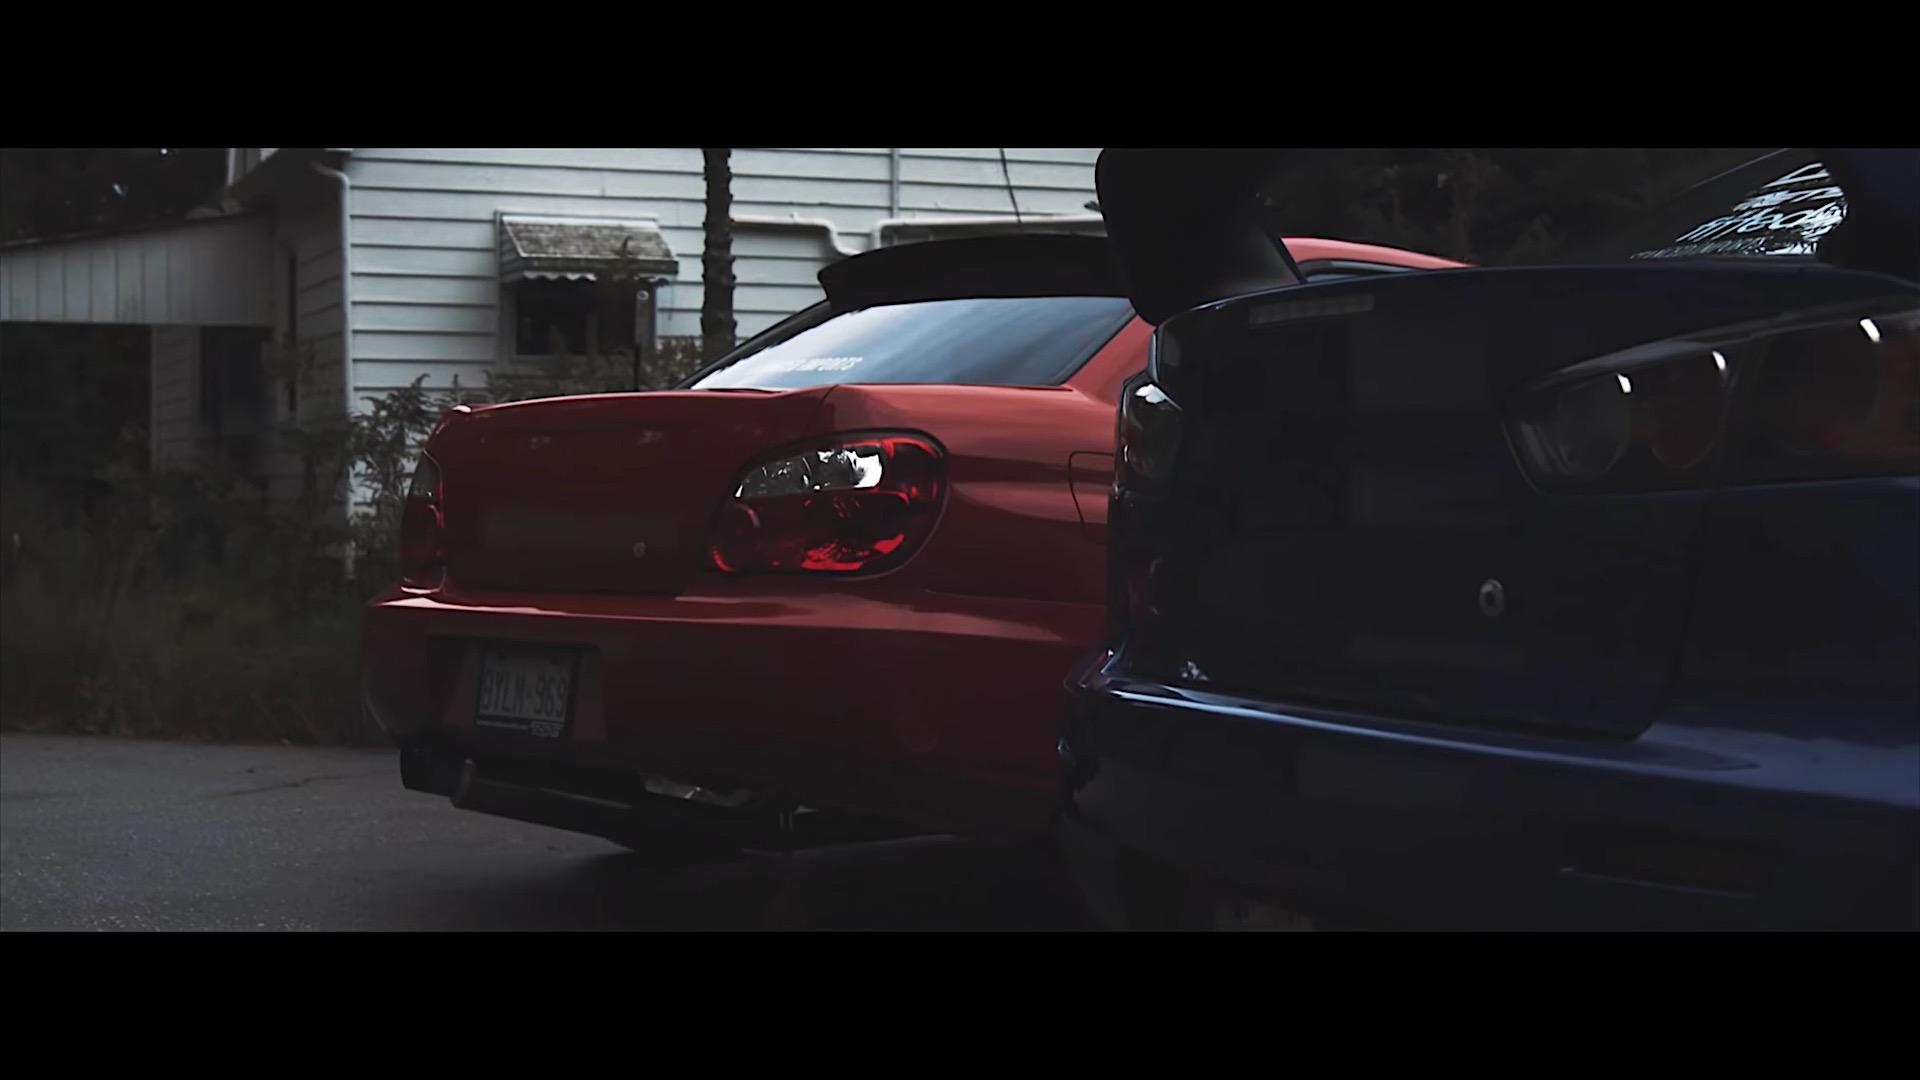 38 komentarzy * mitsubishi lancer evolution x gsr vs subaru impreza wrx sti sedan